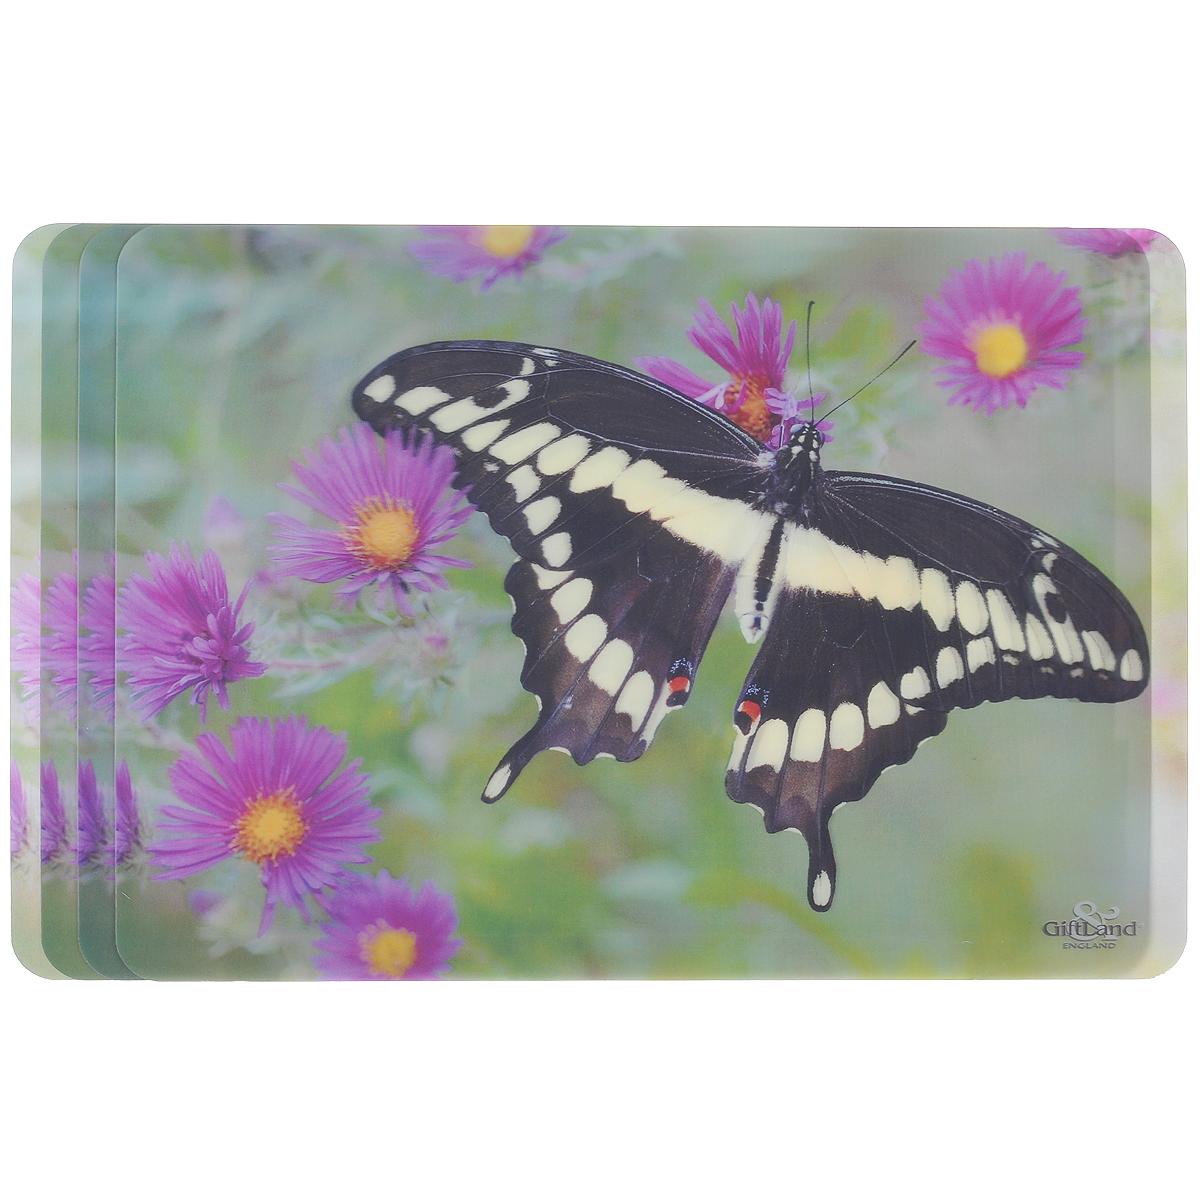 Набор сервировочных салфеток 3D GiftLand Черная бабочка, 34,5 см х 24,5 см, 4 шт